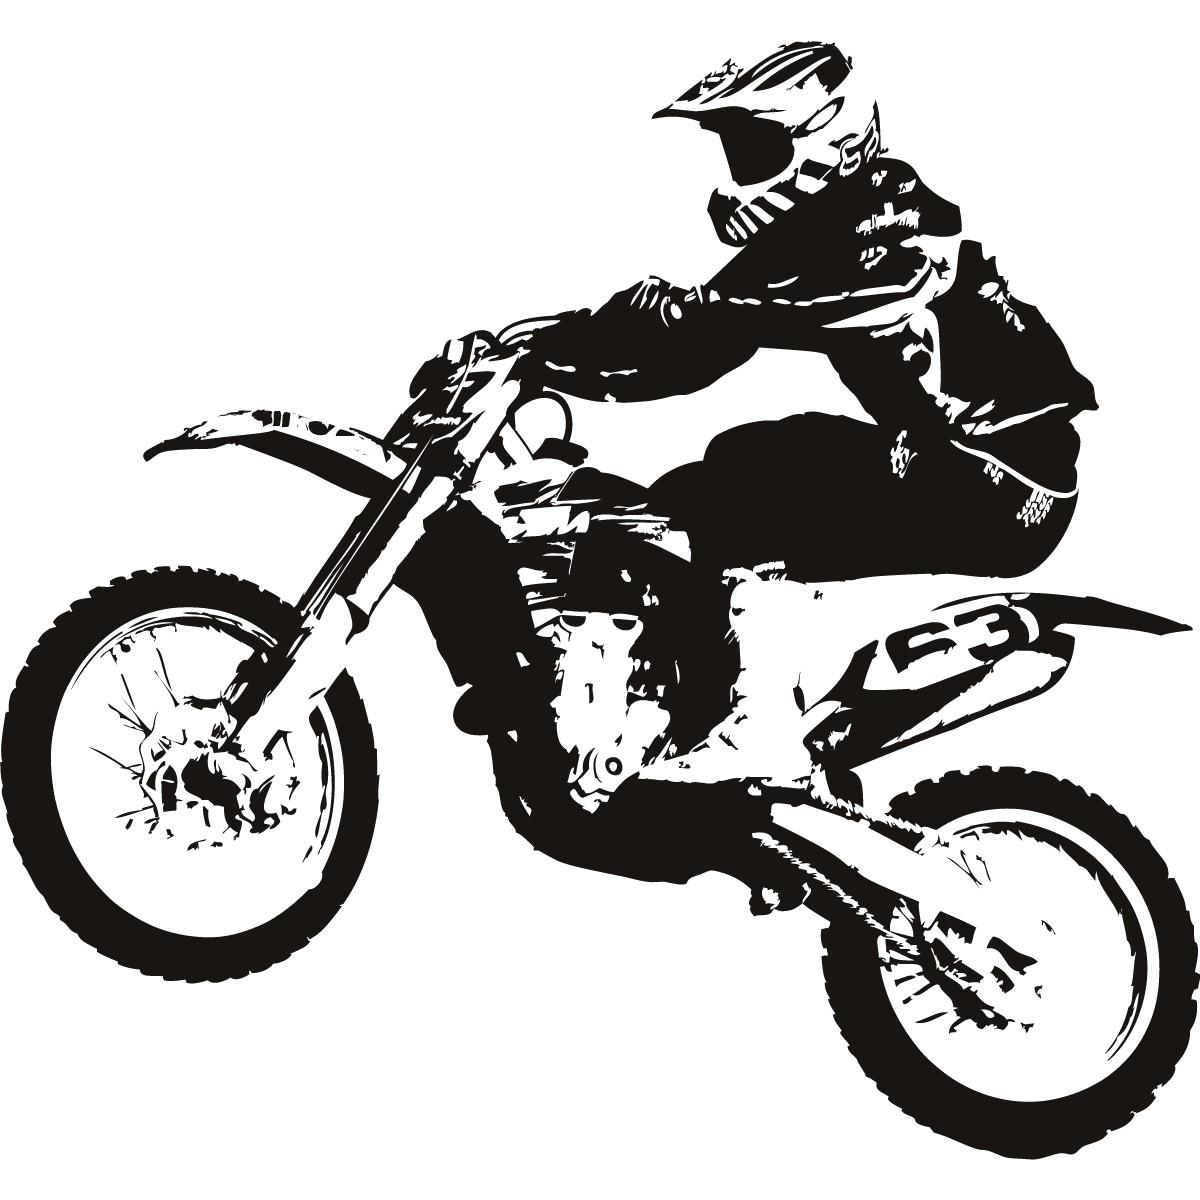 dirt bike clipart black and white-dirt bike clipart black and white-0